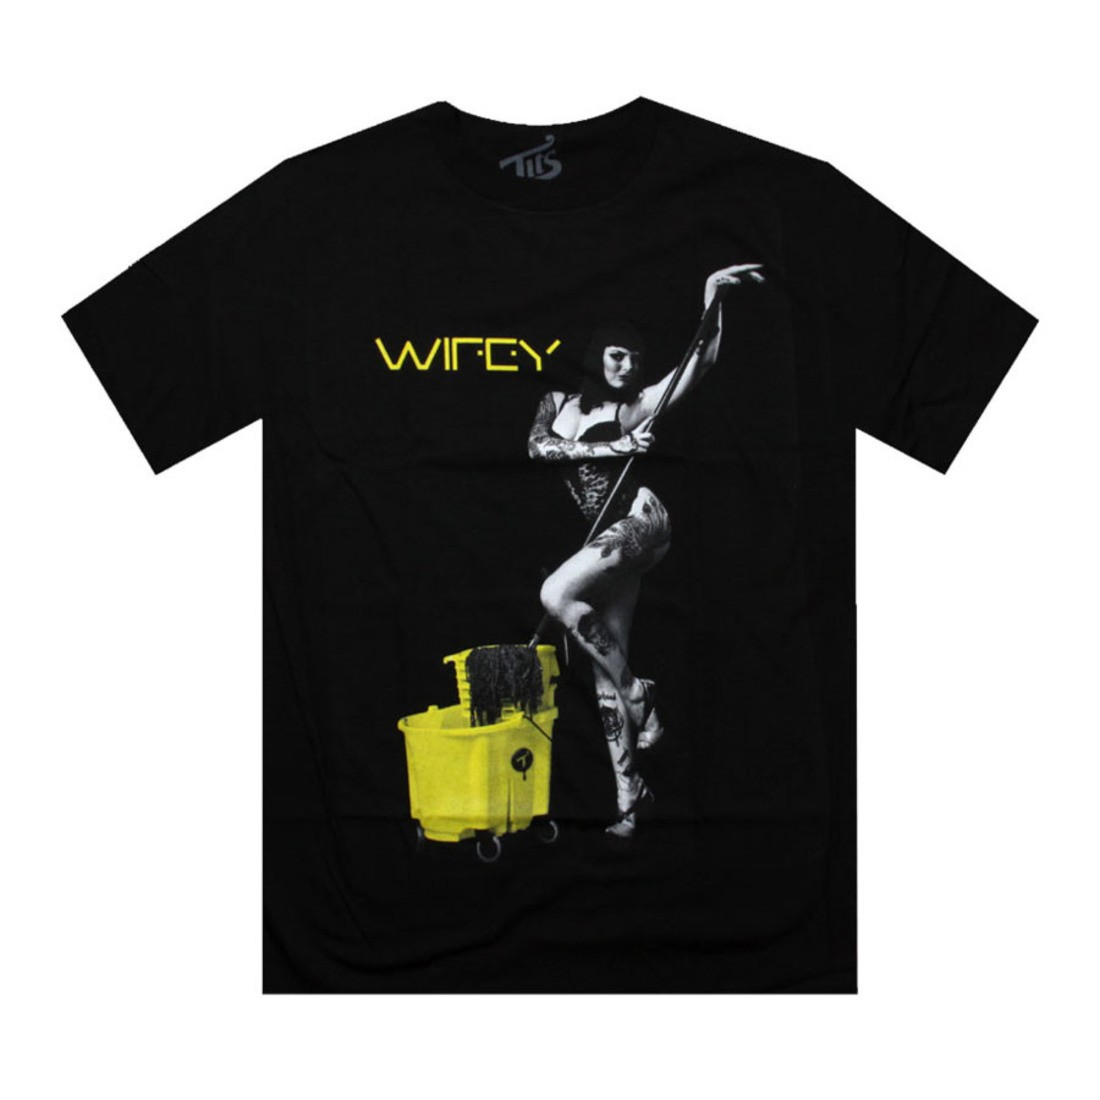 Tシャツ 黒 ブラック 【 BLACK TITS MELROSE WIFEY TEE 】 メンズファッション トップス Tシャツ カットソー